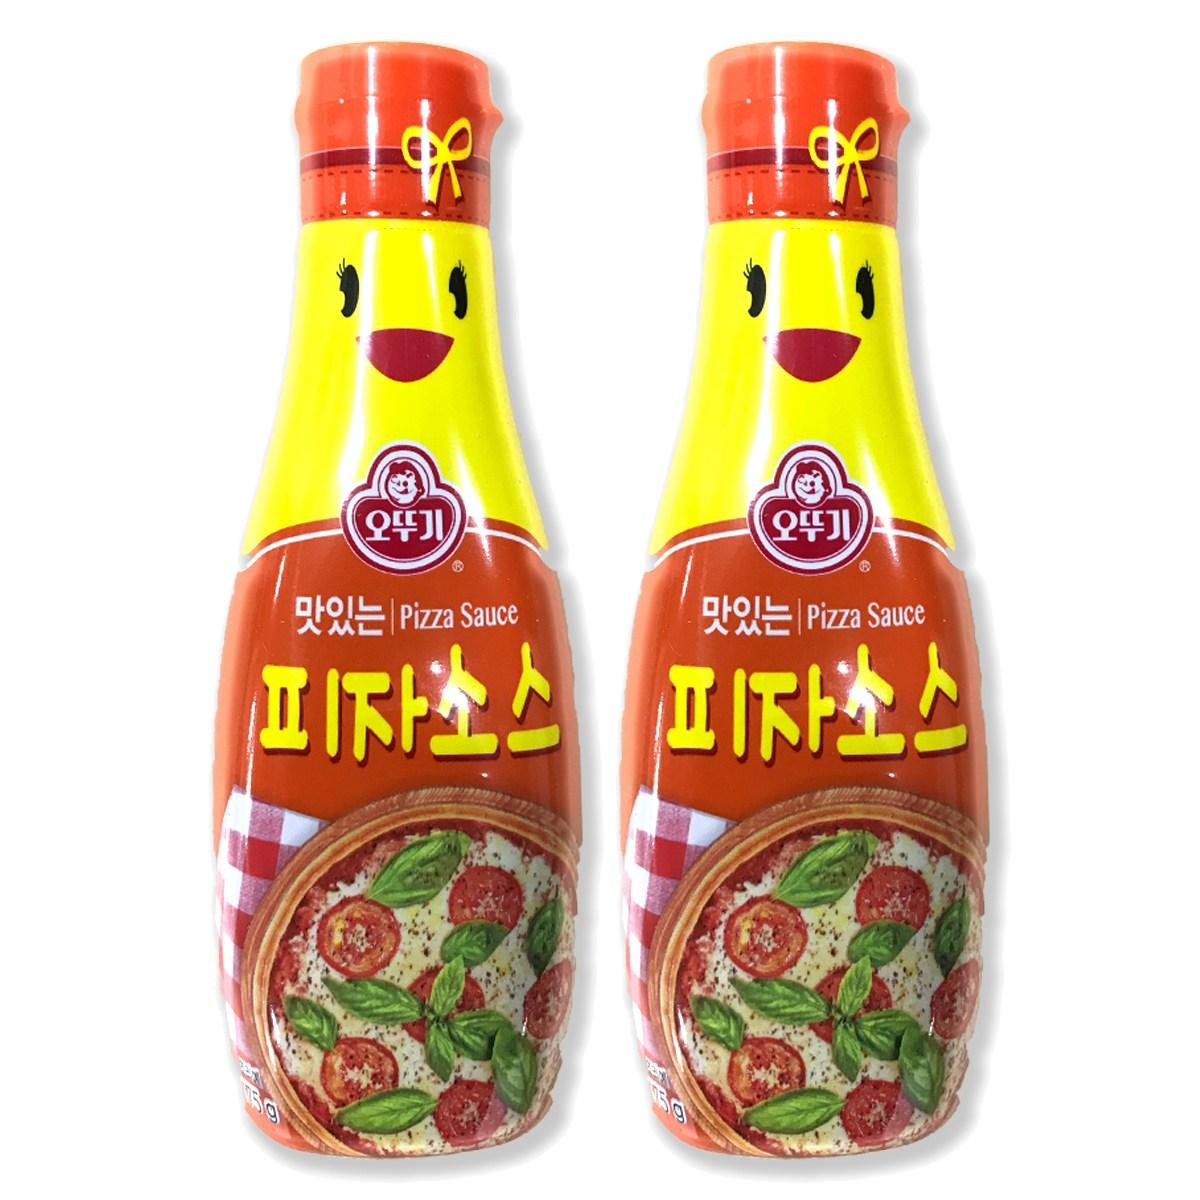 예이니종합물류 오뚜기 피자소스 2개(175g*2개)샐러드드레싱 발사믹연겨자페퍼 요리양념, 175g, 2개